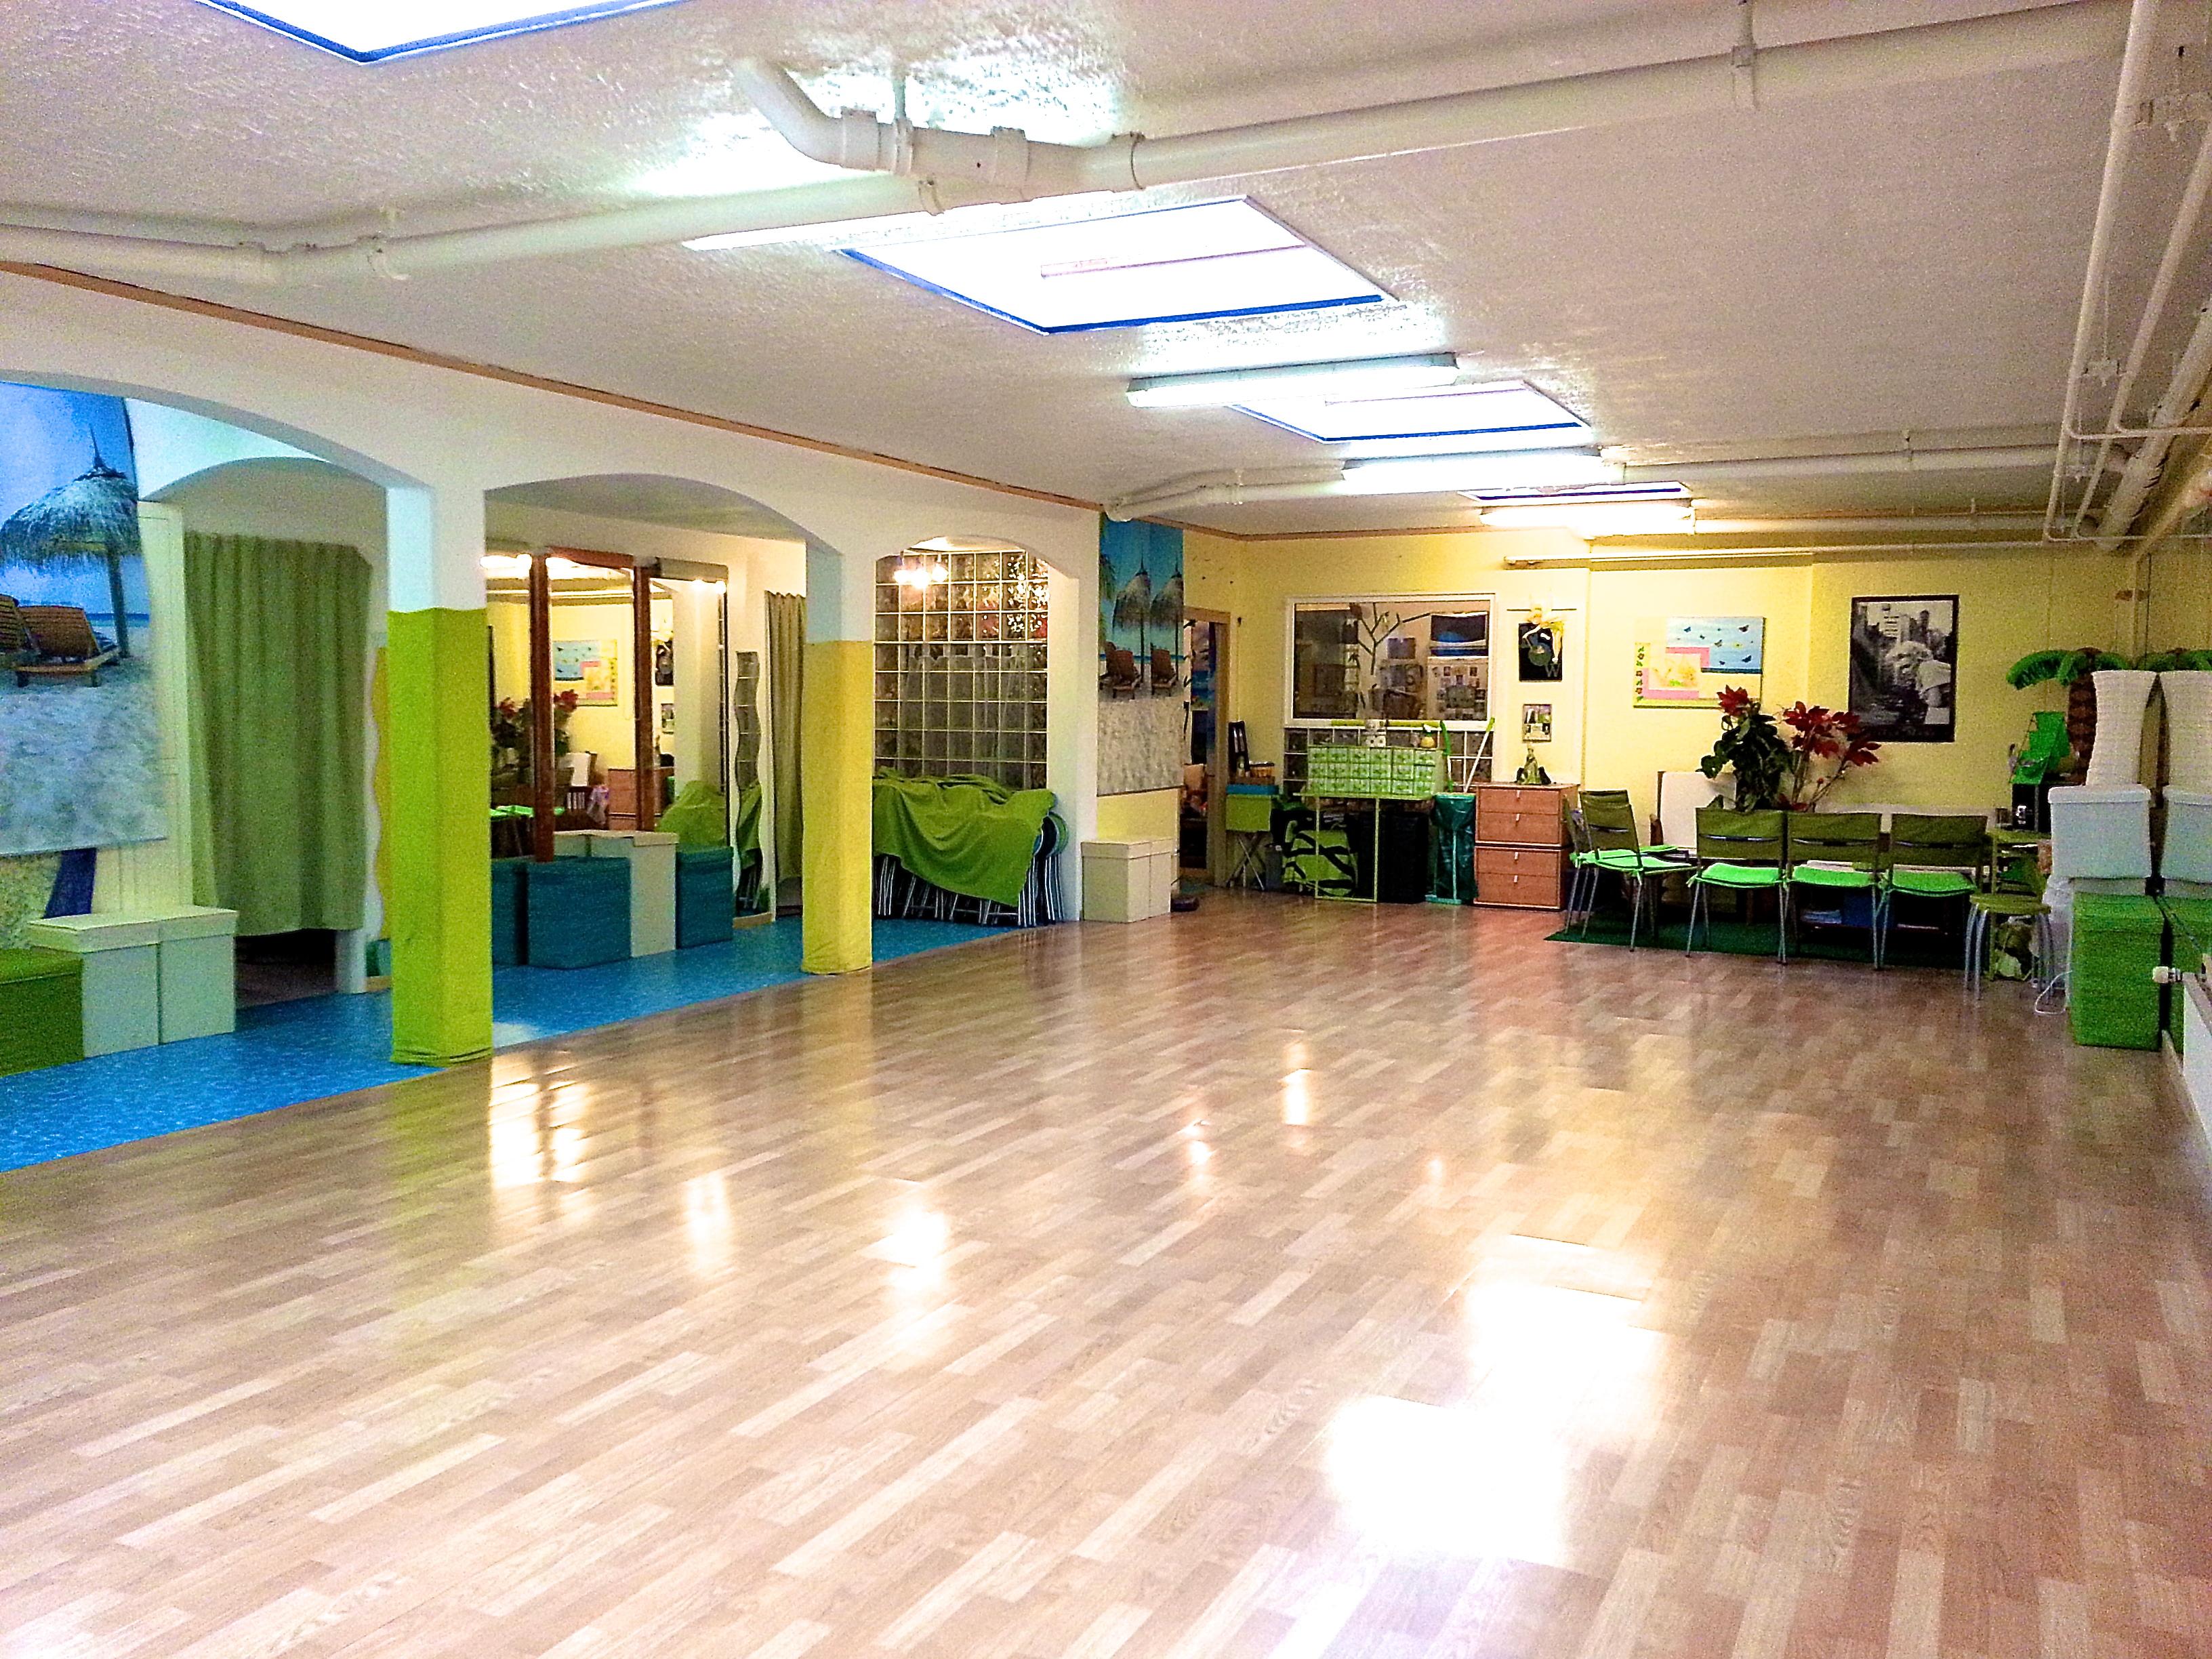 Salle de danse DMC 3